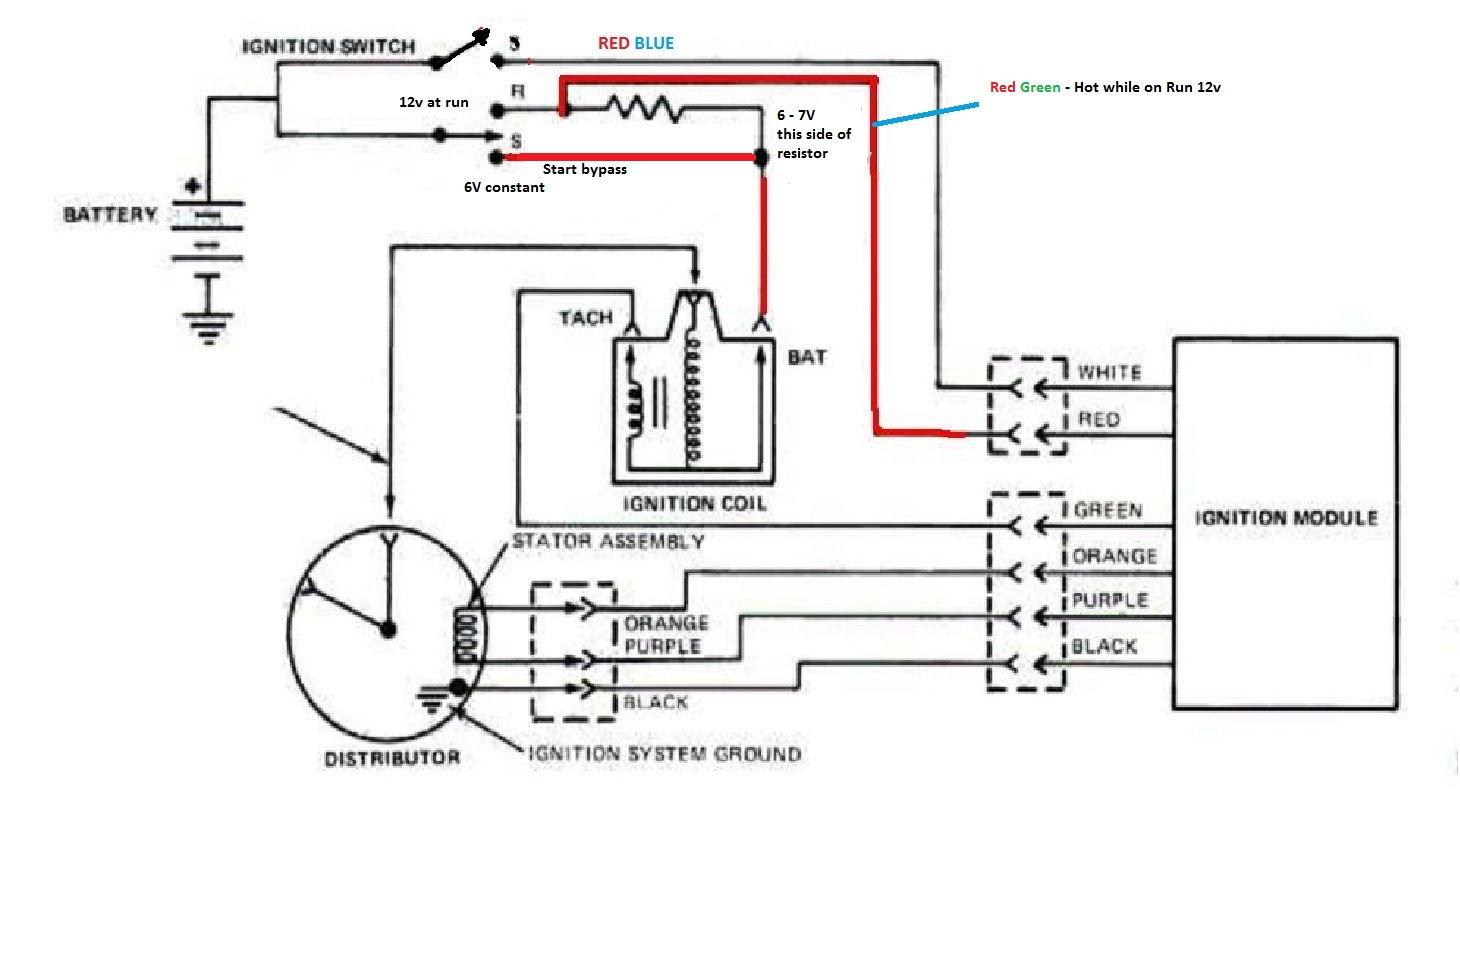 80 onemoretime_37f416194caf3ce703b0f575f2f867ae8ade9504 for a 2004 trailblazer starting system wiring diagram